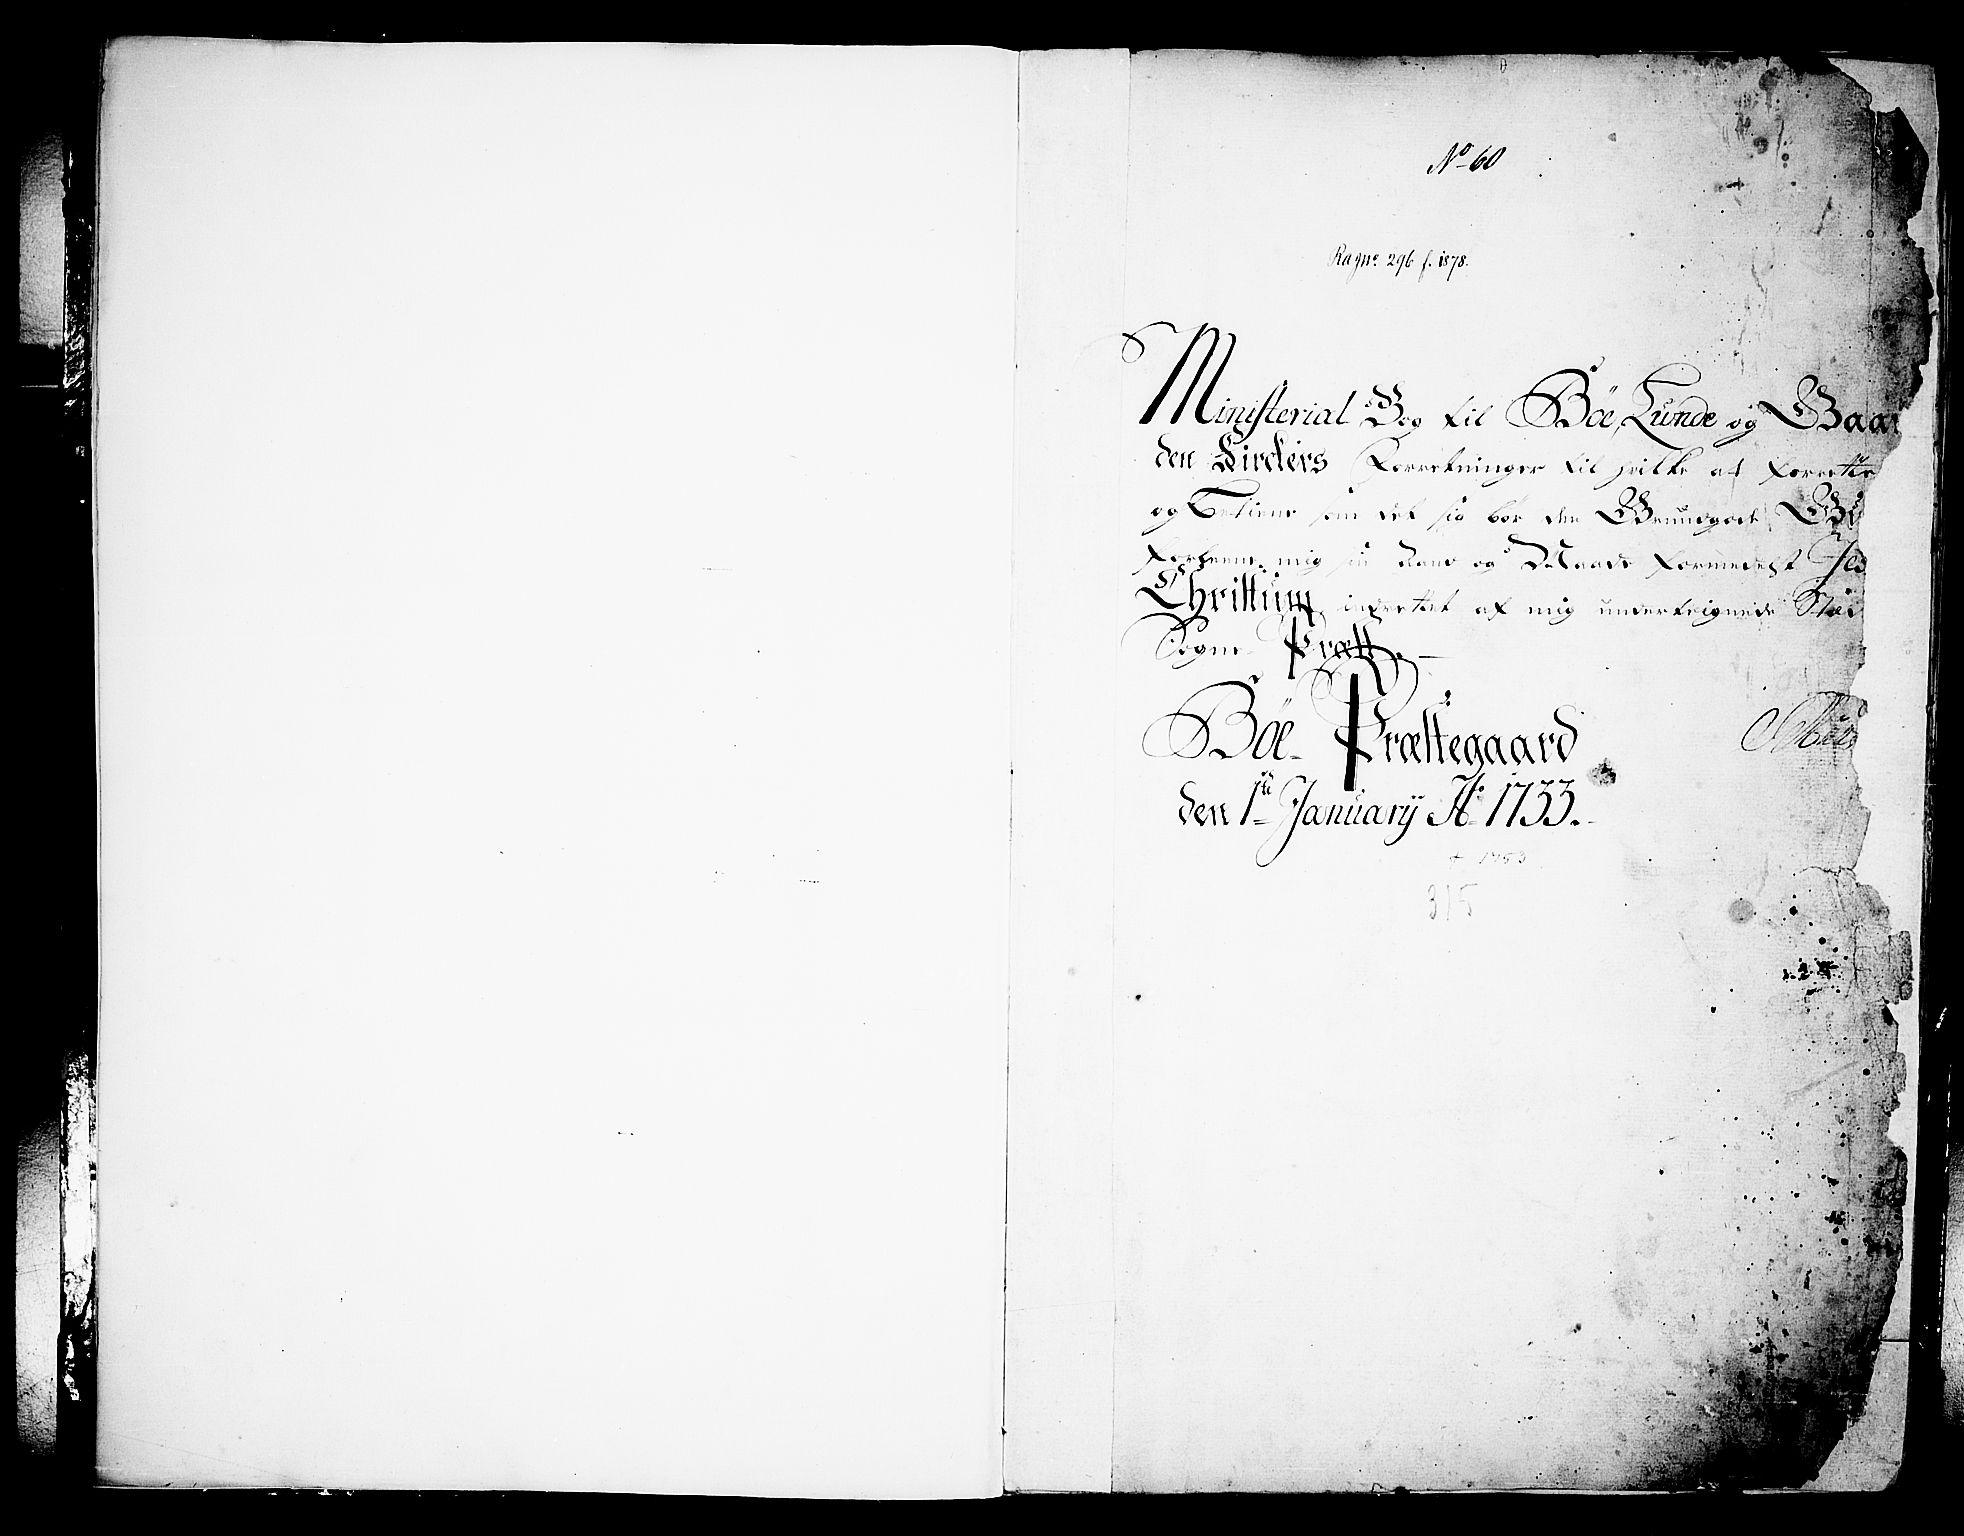 SAKO, Bø kirkebøker, F/Fa/L0003: Ministerialbok nr. 3, 1733-1748